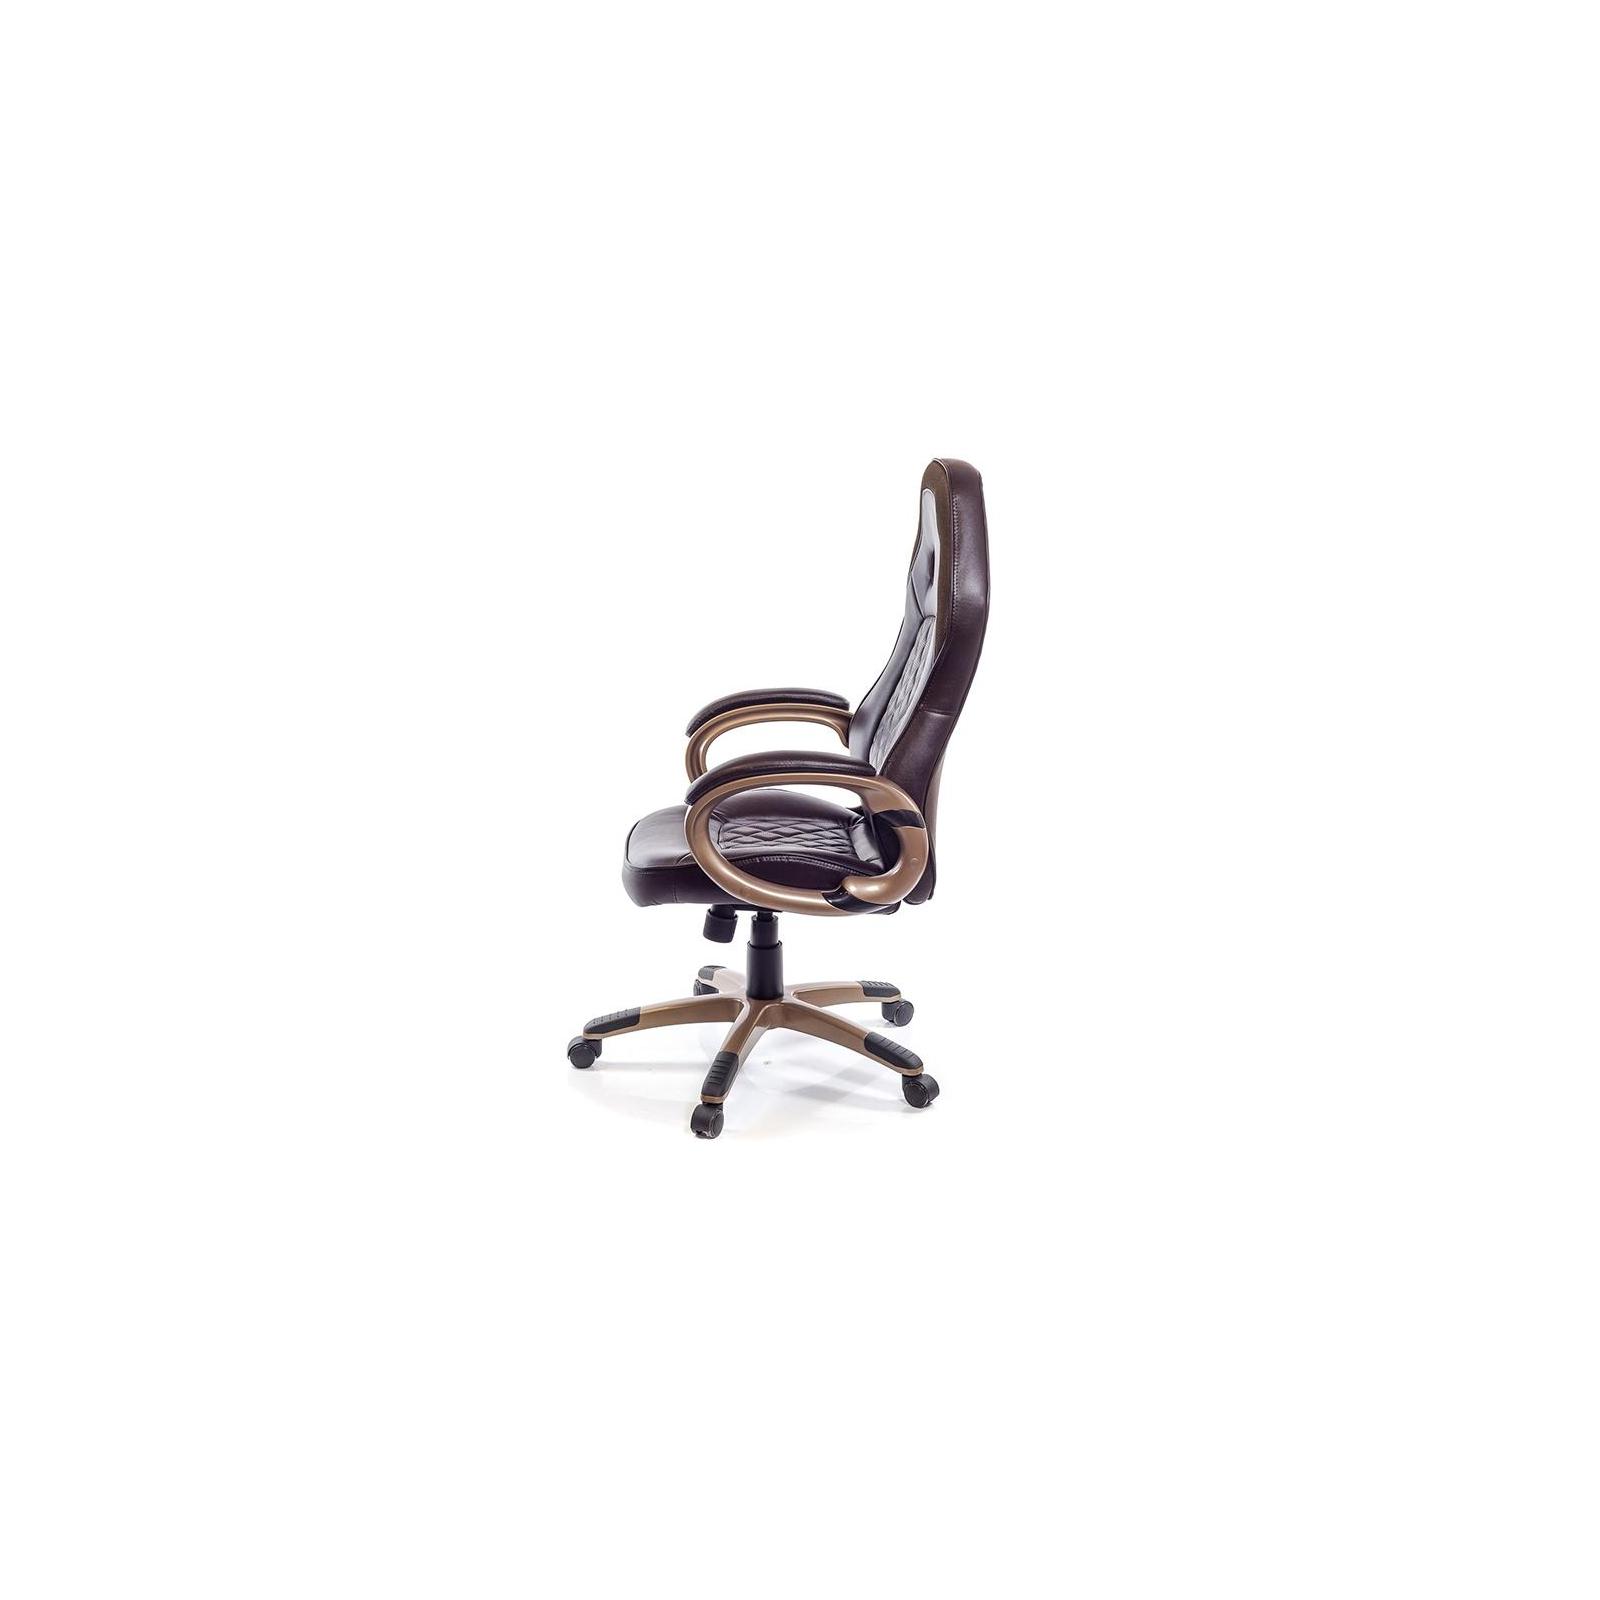 Кресло игровое АКЛАС Блиц PL TILT Желтое (10460) изображение 2